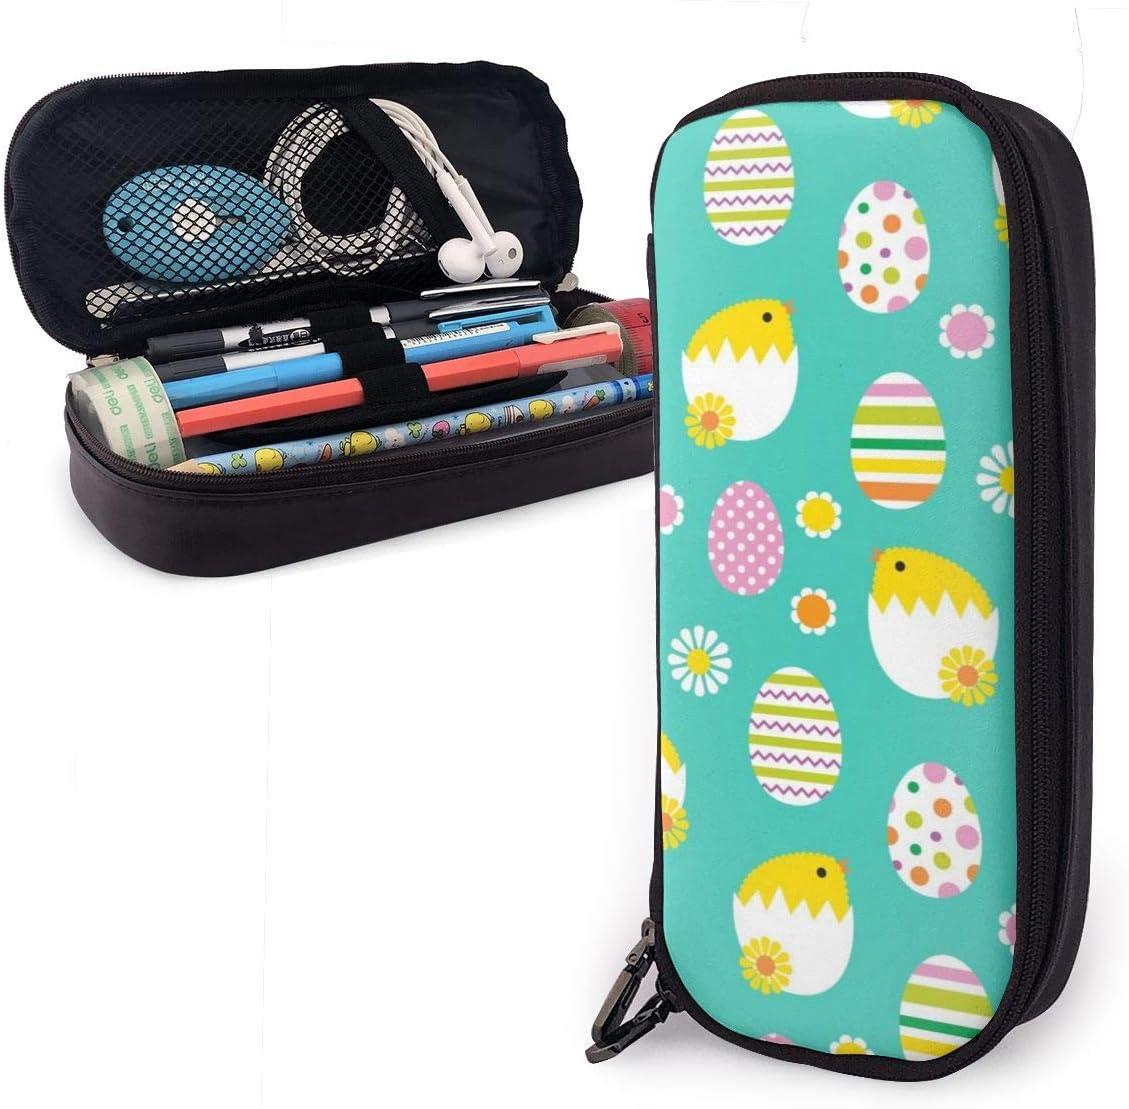 Estuche para lápices de Pascua con diseño de pollitos y huevos para niños y niñas, estuche para lápices de gran tamaño para estudiantes, universidades, suministros escolares y oficina: Amazon.es: Oficina y papelería